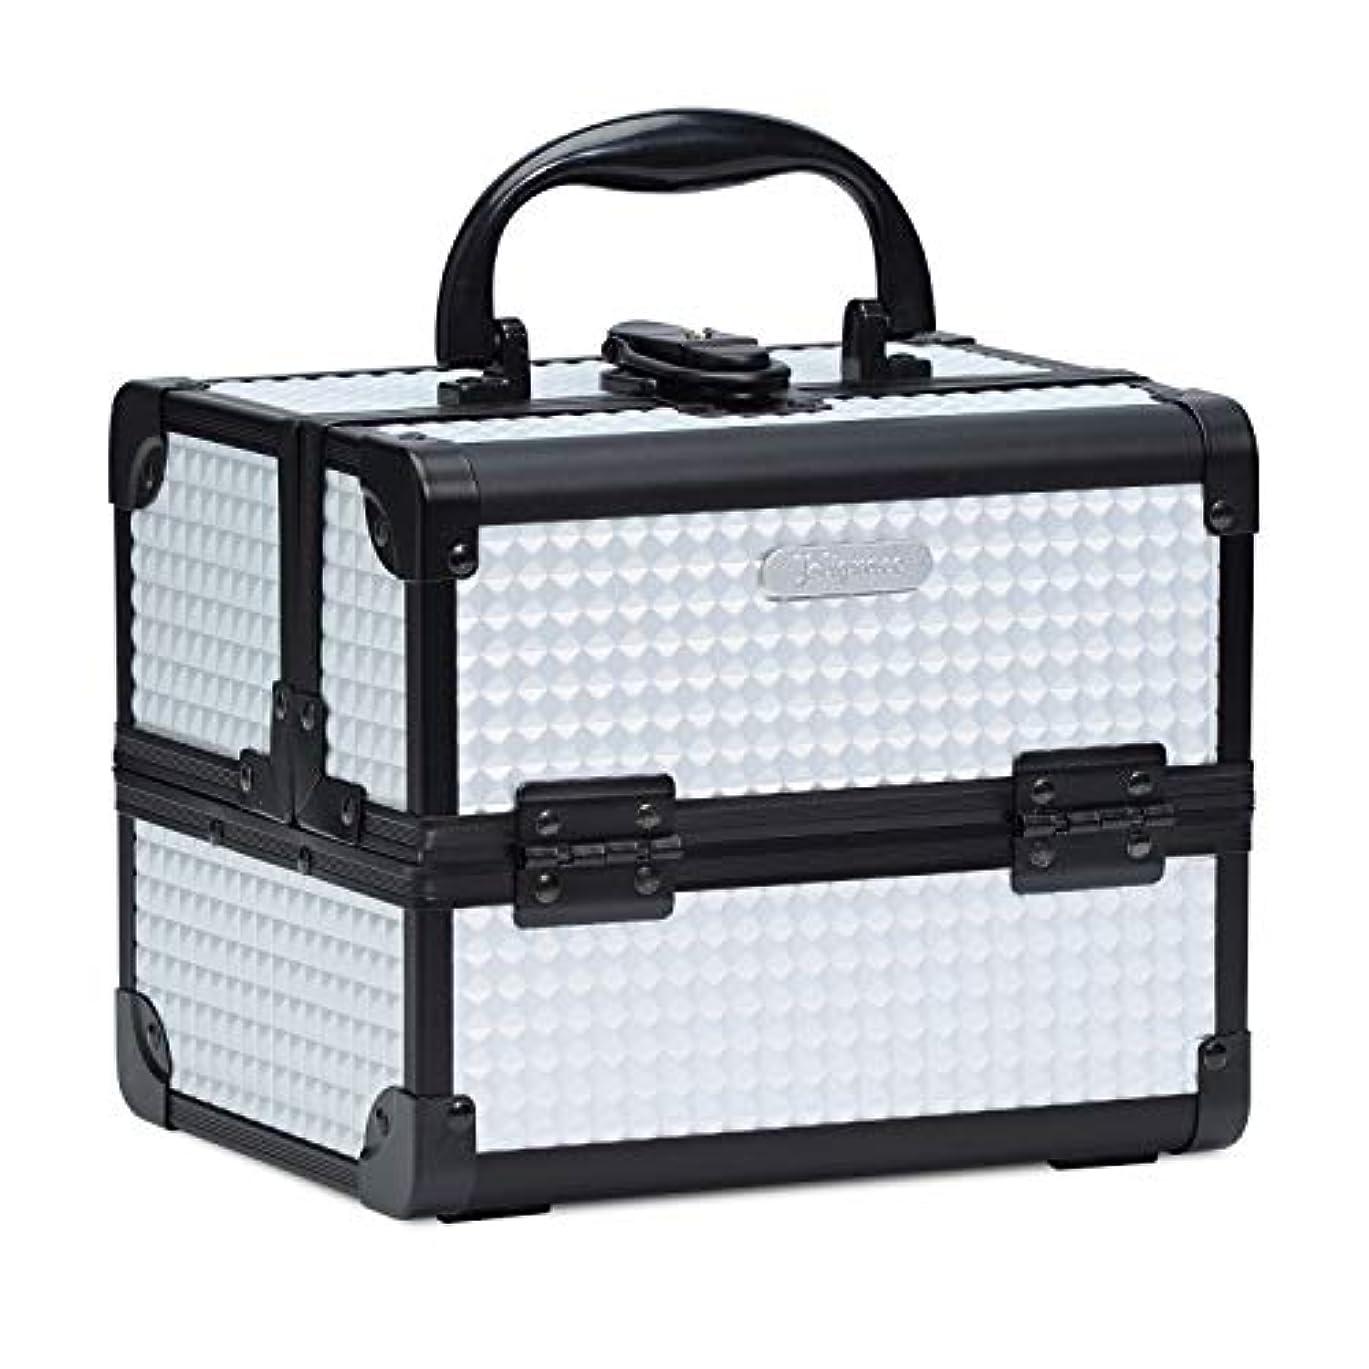 意気揚々入射アナニバーHapilife コスメボックス 鏡付き スライドトレイ メイク用品収納 プロ仕様 小型 化粧箱